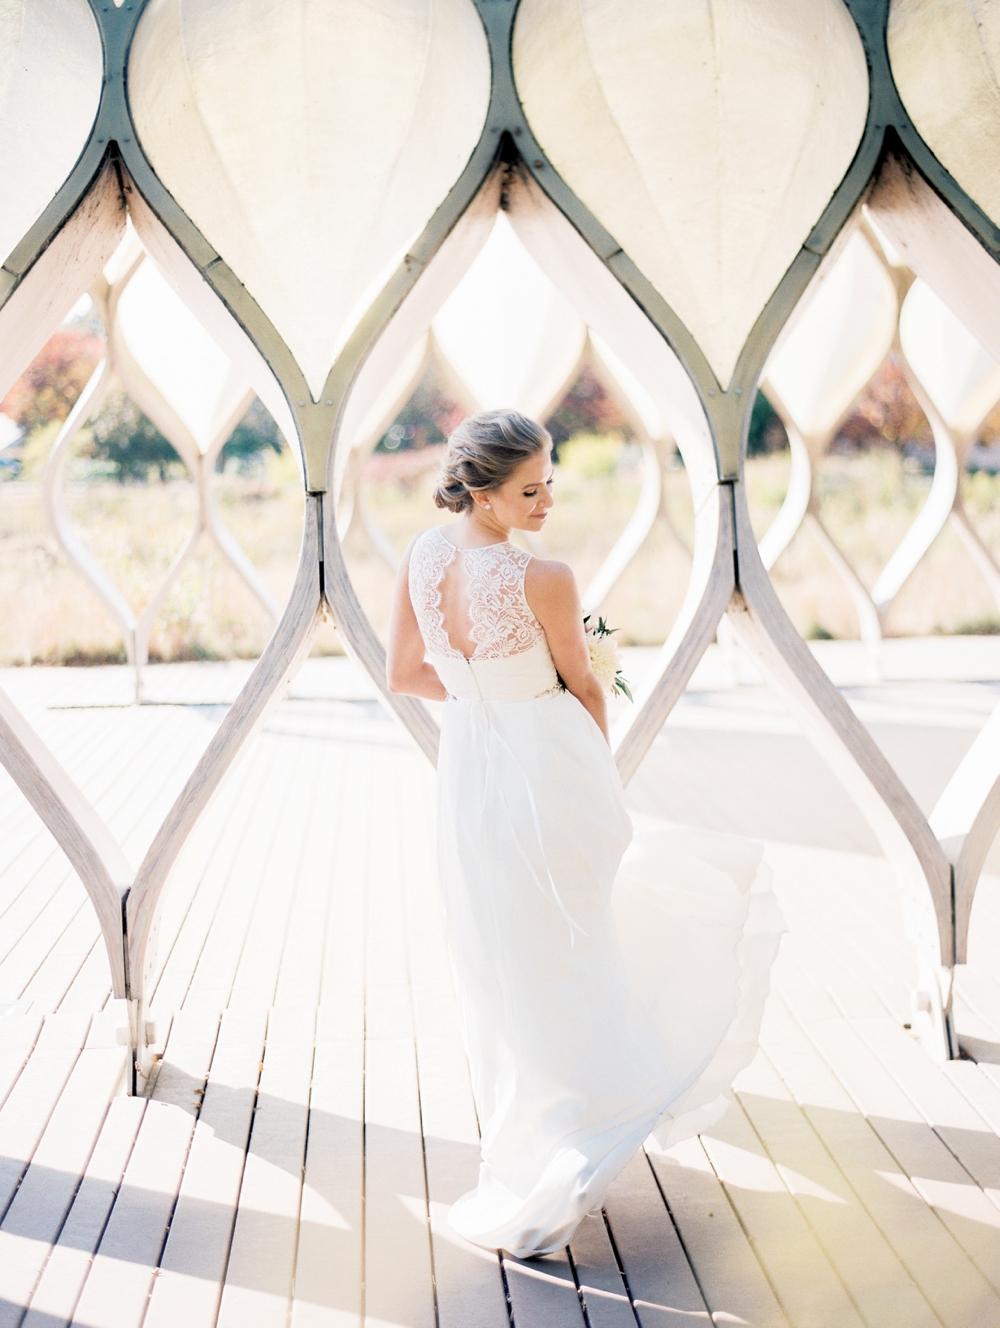 kristin-la-voie-photography-bridgeport-art-center-wedding-chicago-wedding-photographer-90.jpg